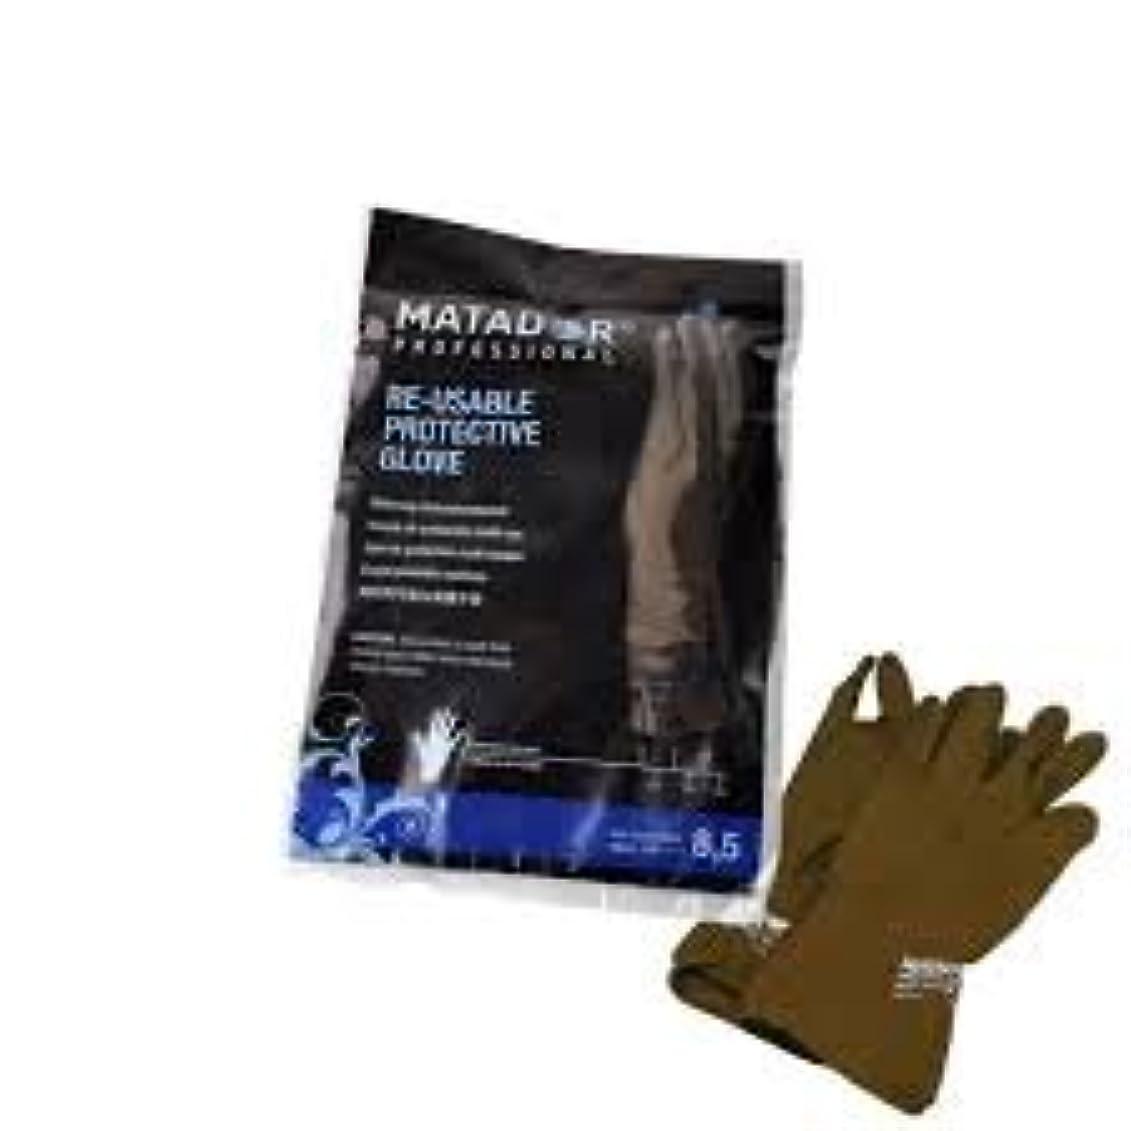 によるとリビングルーム放散するマタドールゴム手袋 8.5吋 【5個セット】